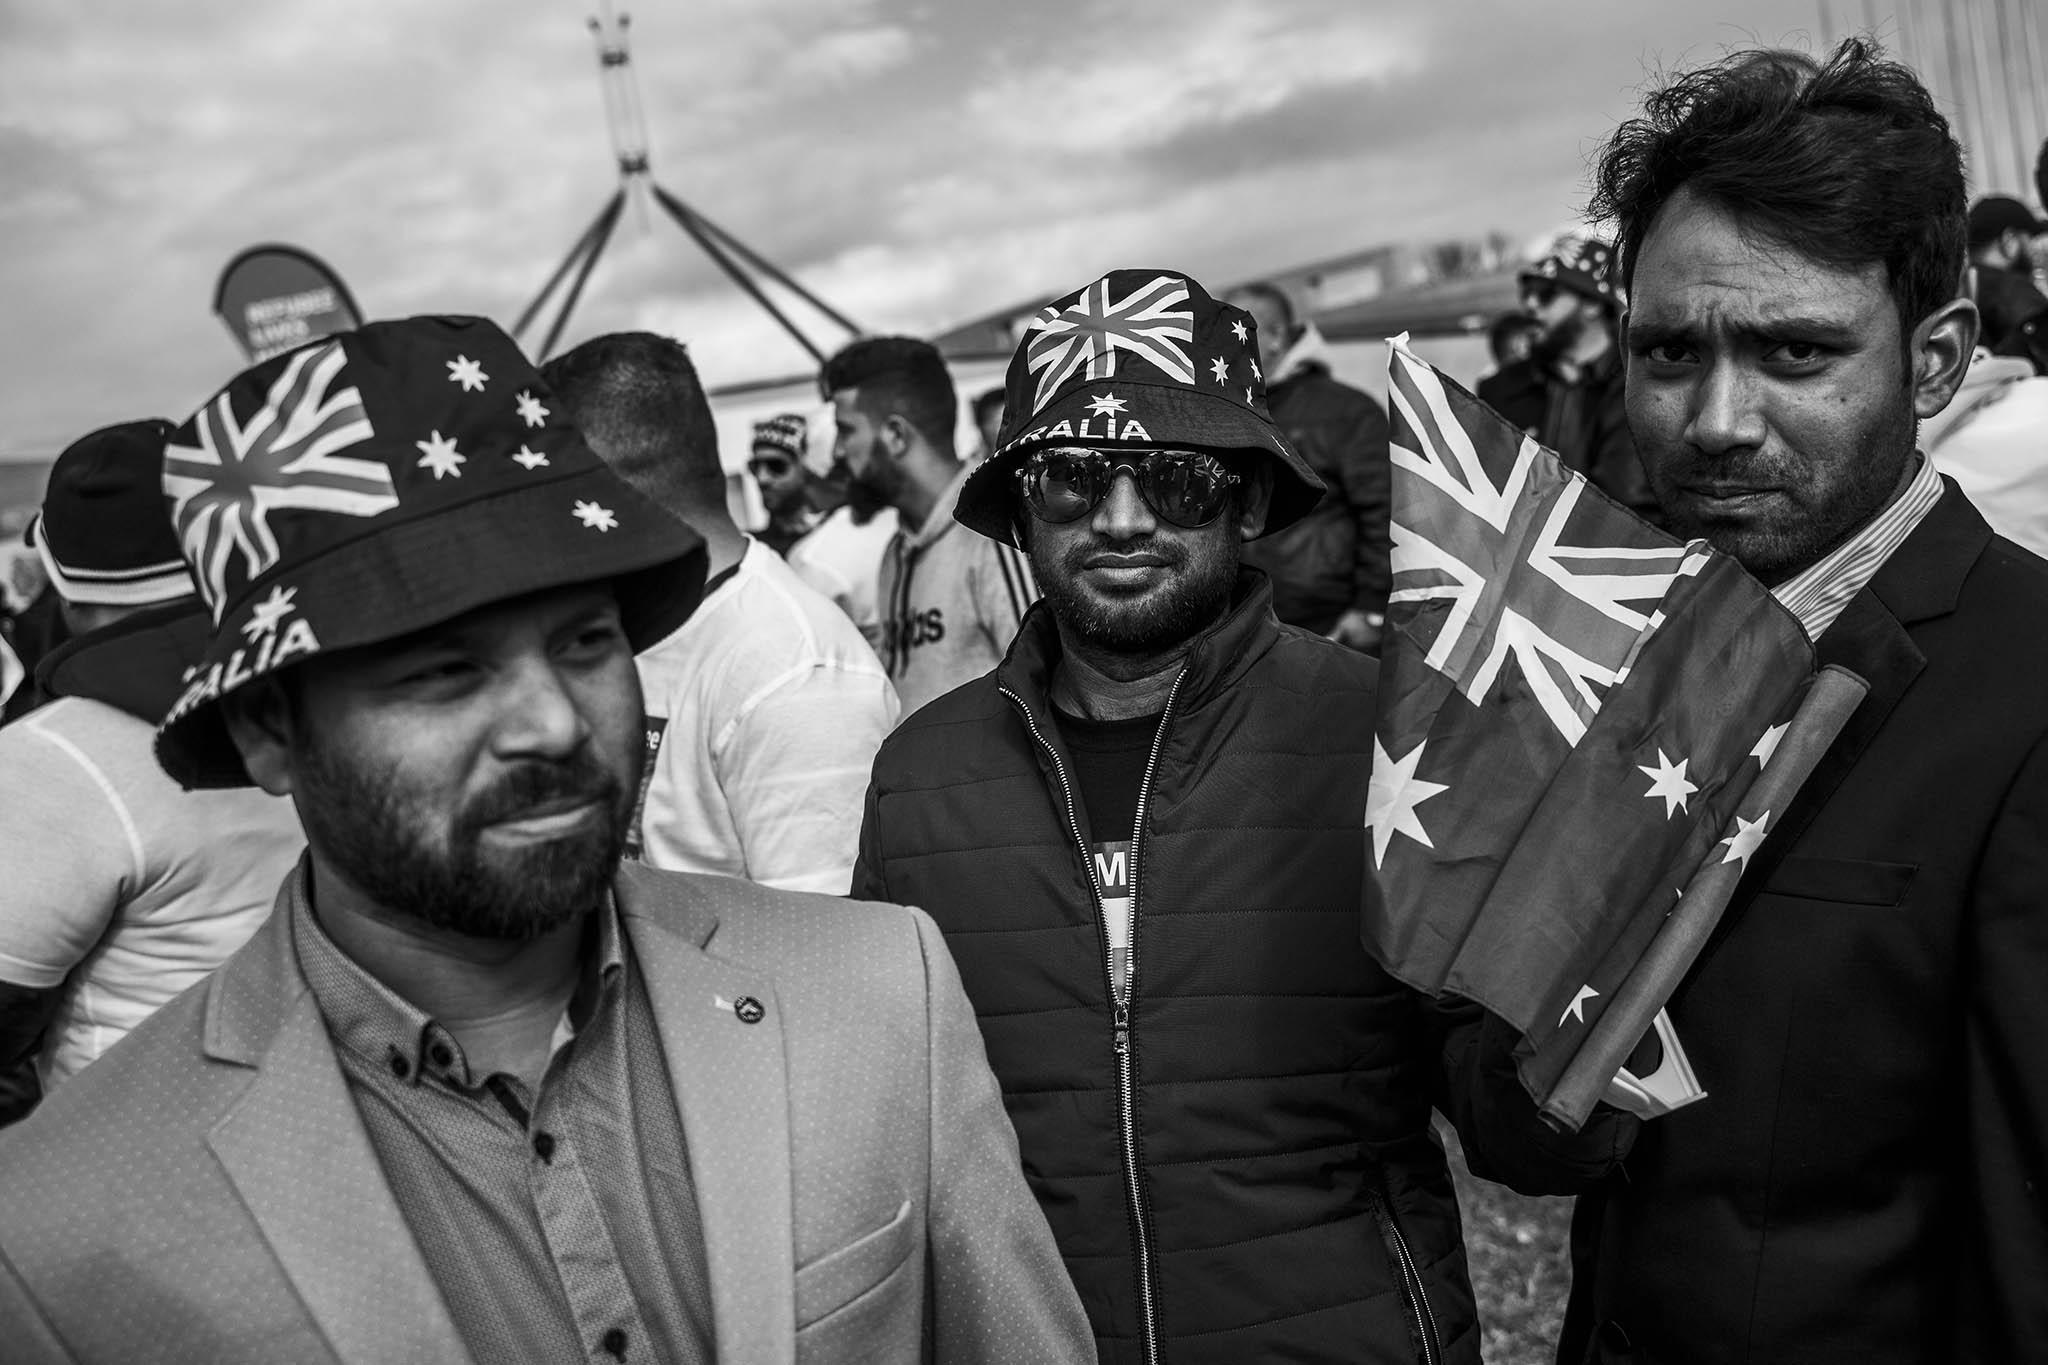 20190729_Refugee_Protest_0026.jpg